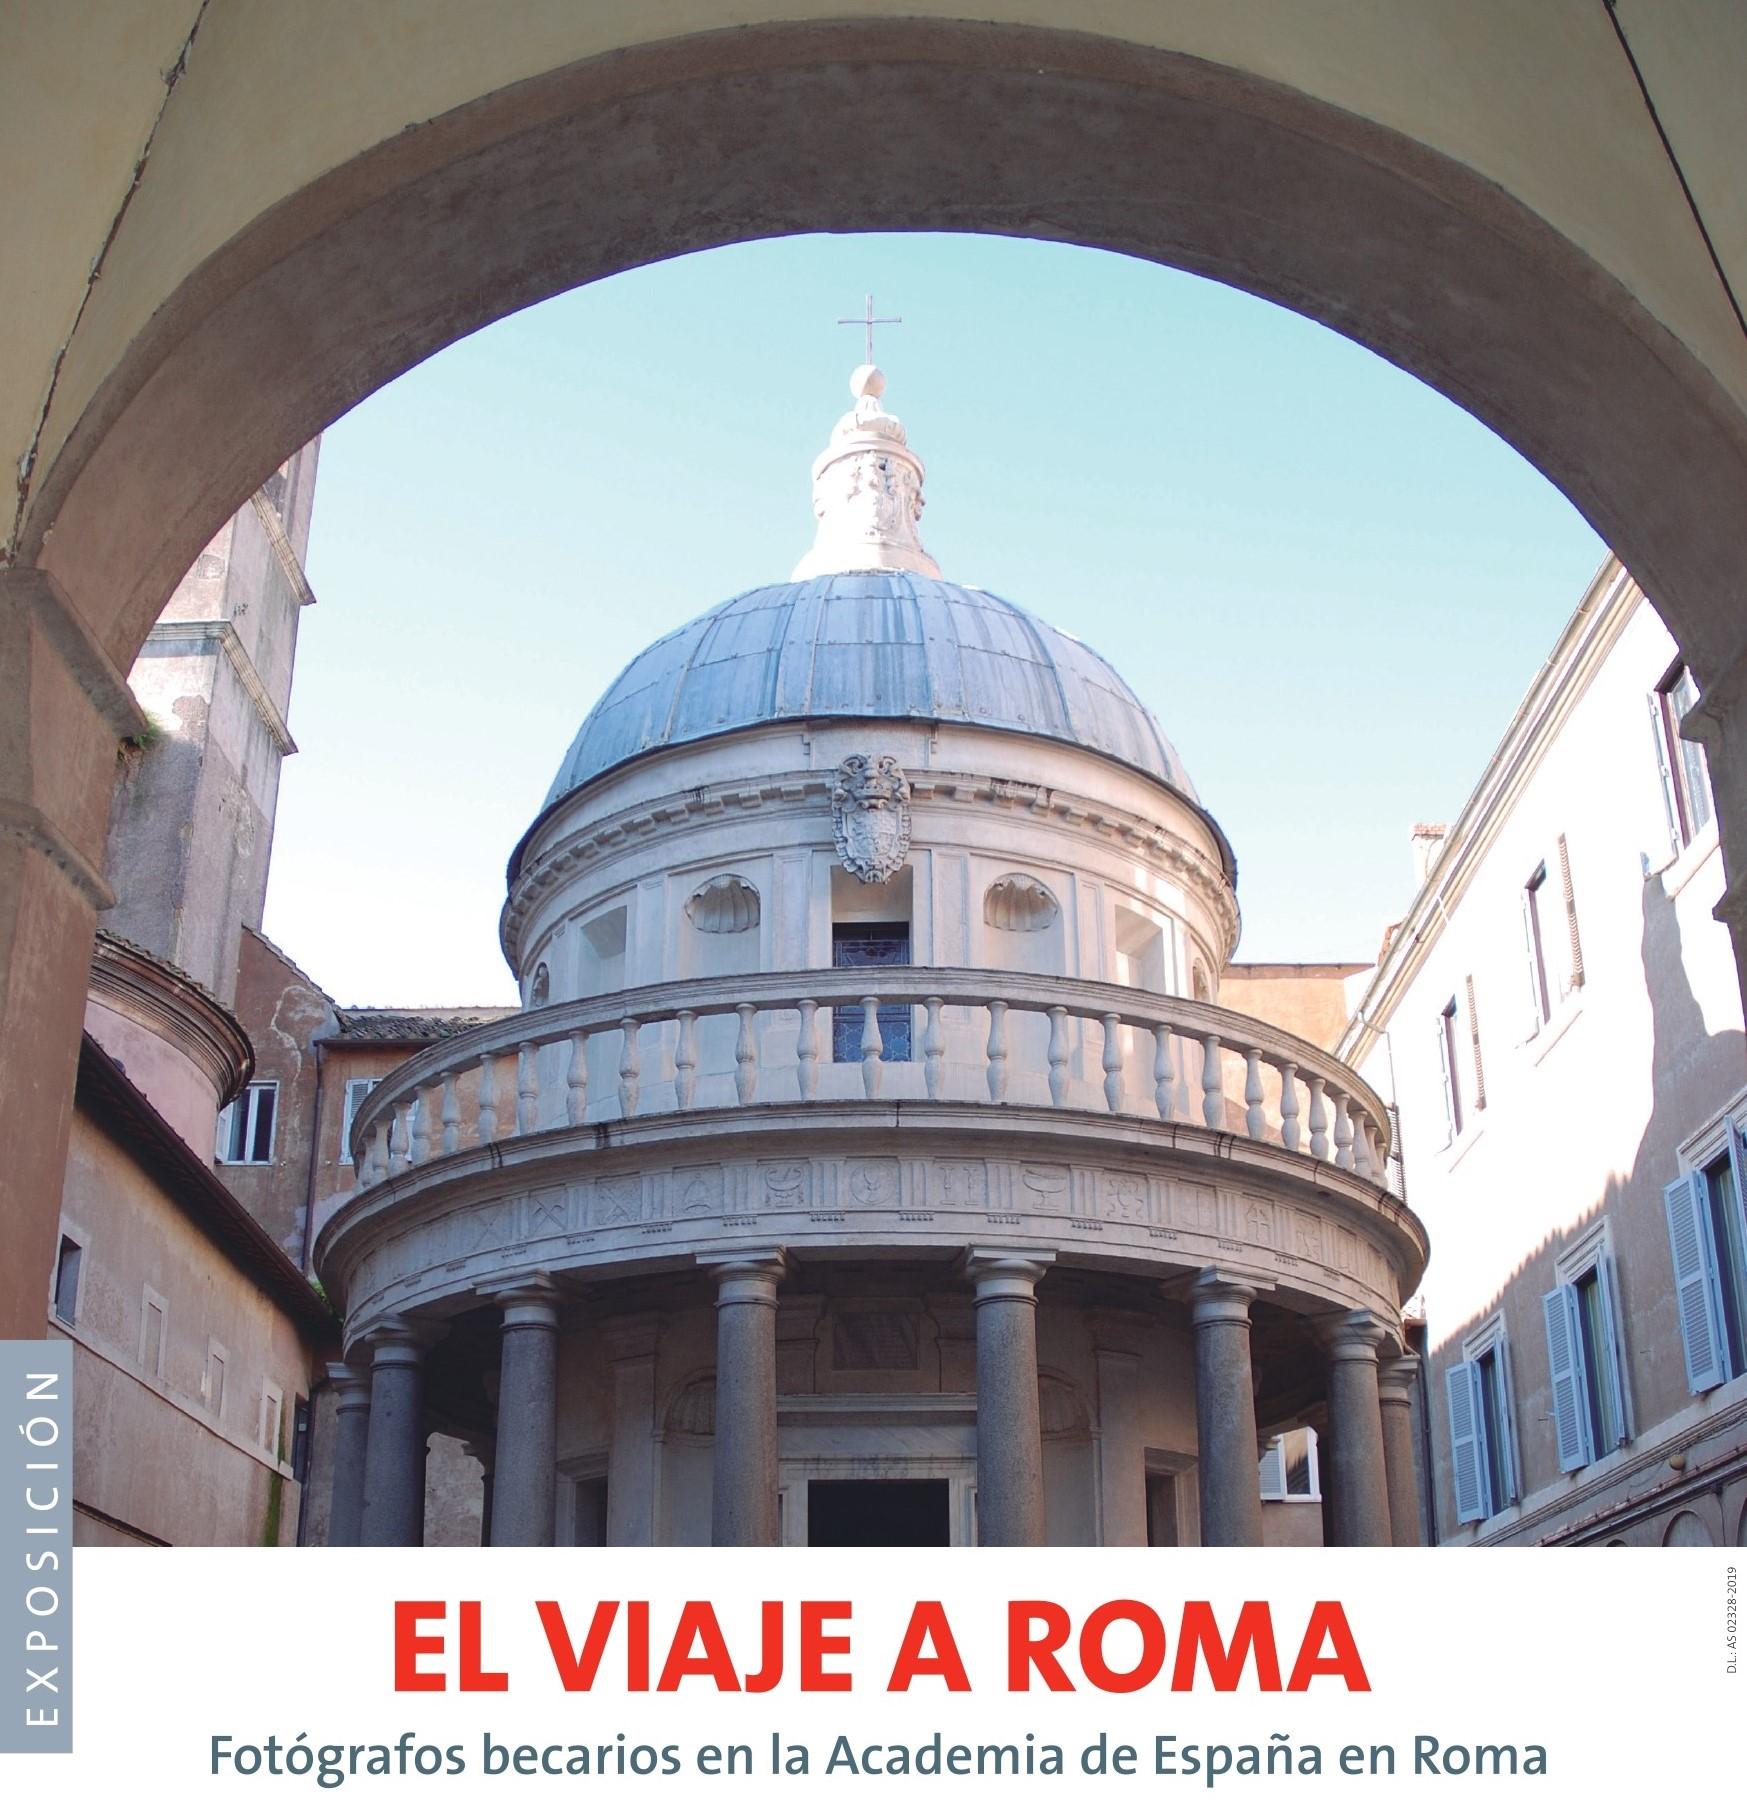 """La Fundación Centro Niemeyer y AECID acuerdan la itinerancia de la exposición de fotografía  """"El viaje a Roma"""" en Madrid y América"""